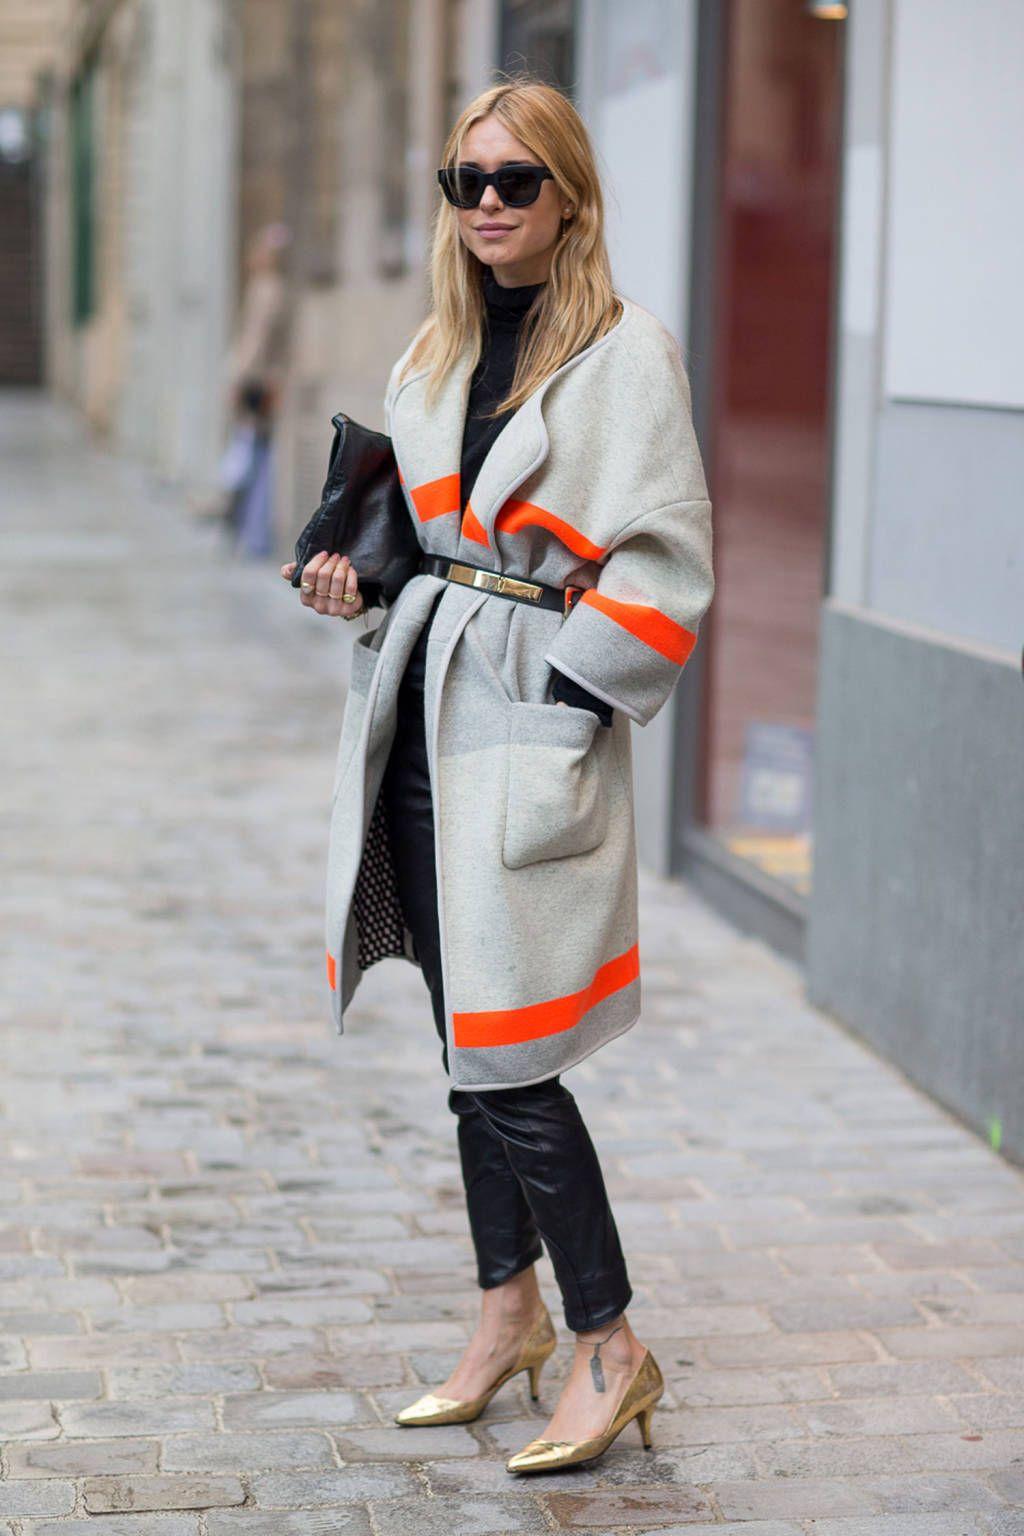 59b5a2084d2 Модные пальто осень-зима 2018-2019 (137 фото)  модные тенденции ...